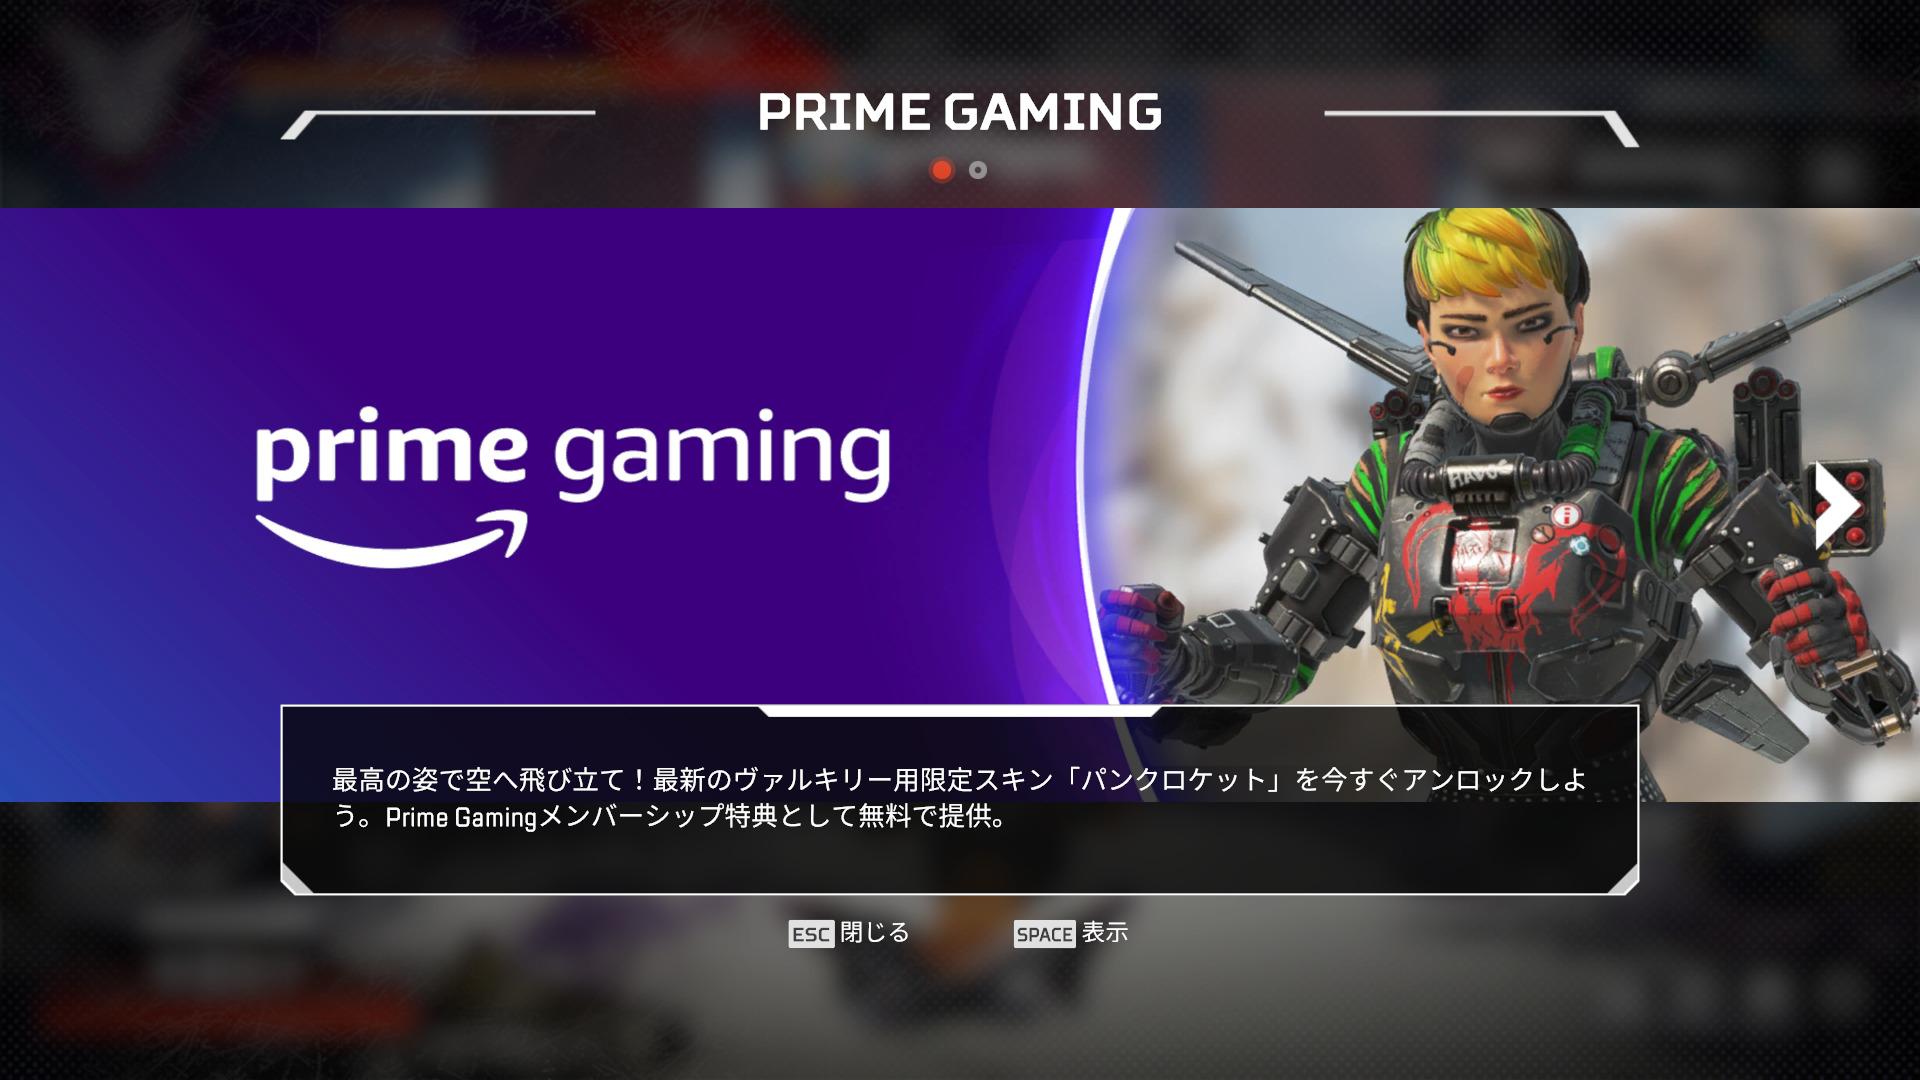 【Apex Legends】ツイッチプライム(Prime Gaming)限定スキンを手に入れる方法を画像付きで解説【エーペックスレジェンズ】